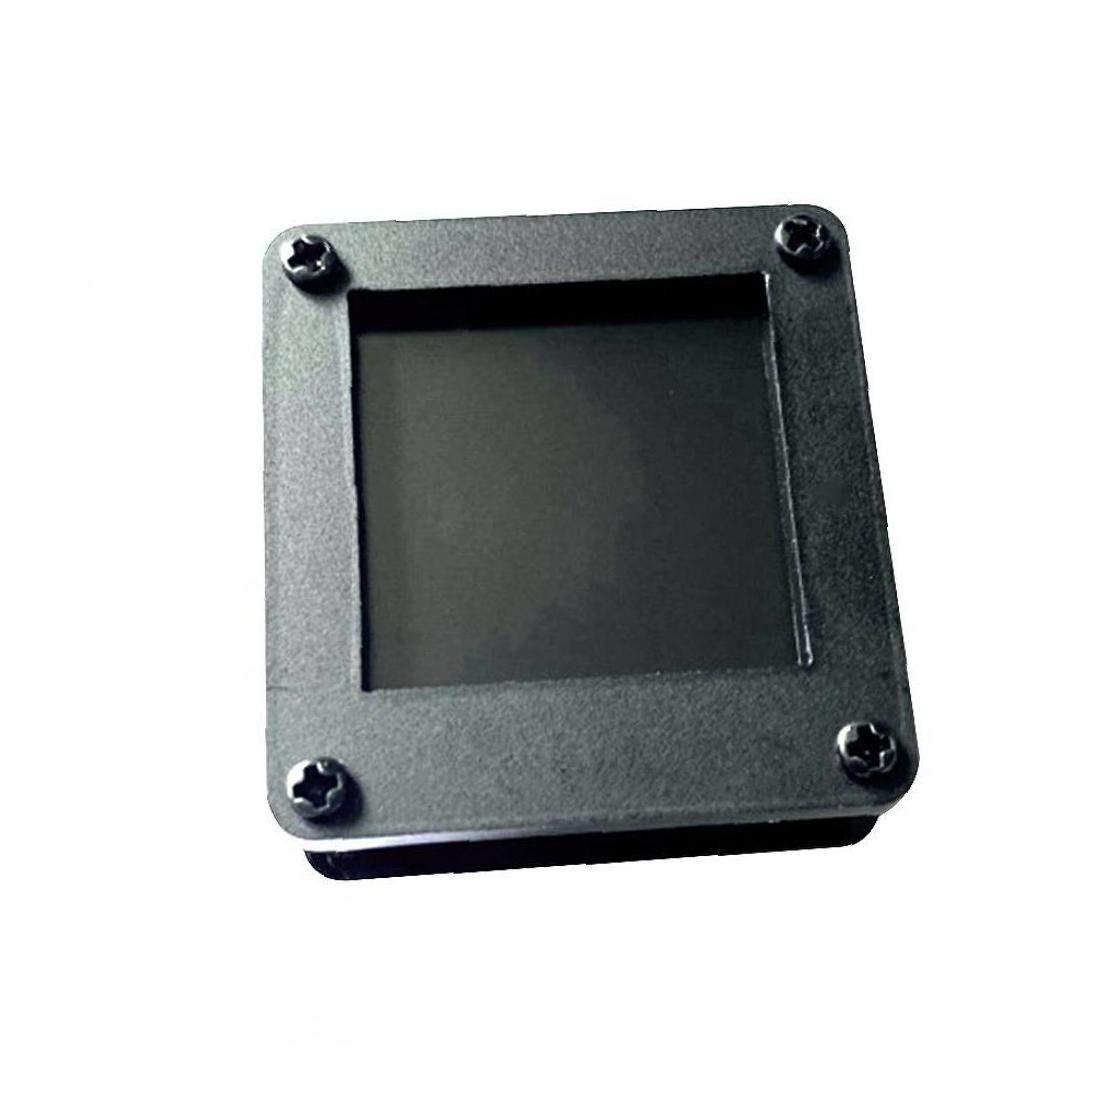 Schwarz AMG8833 IR Infrarot-W/ärmebildkamera W/ärmebildkamera Thermokamera Temperatur